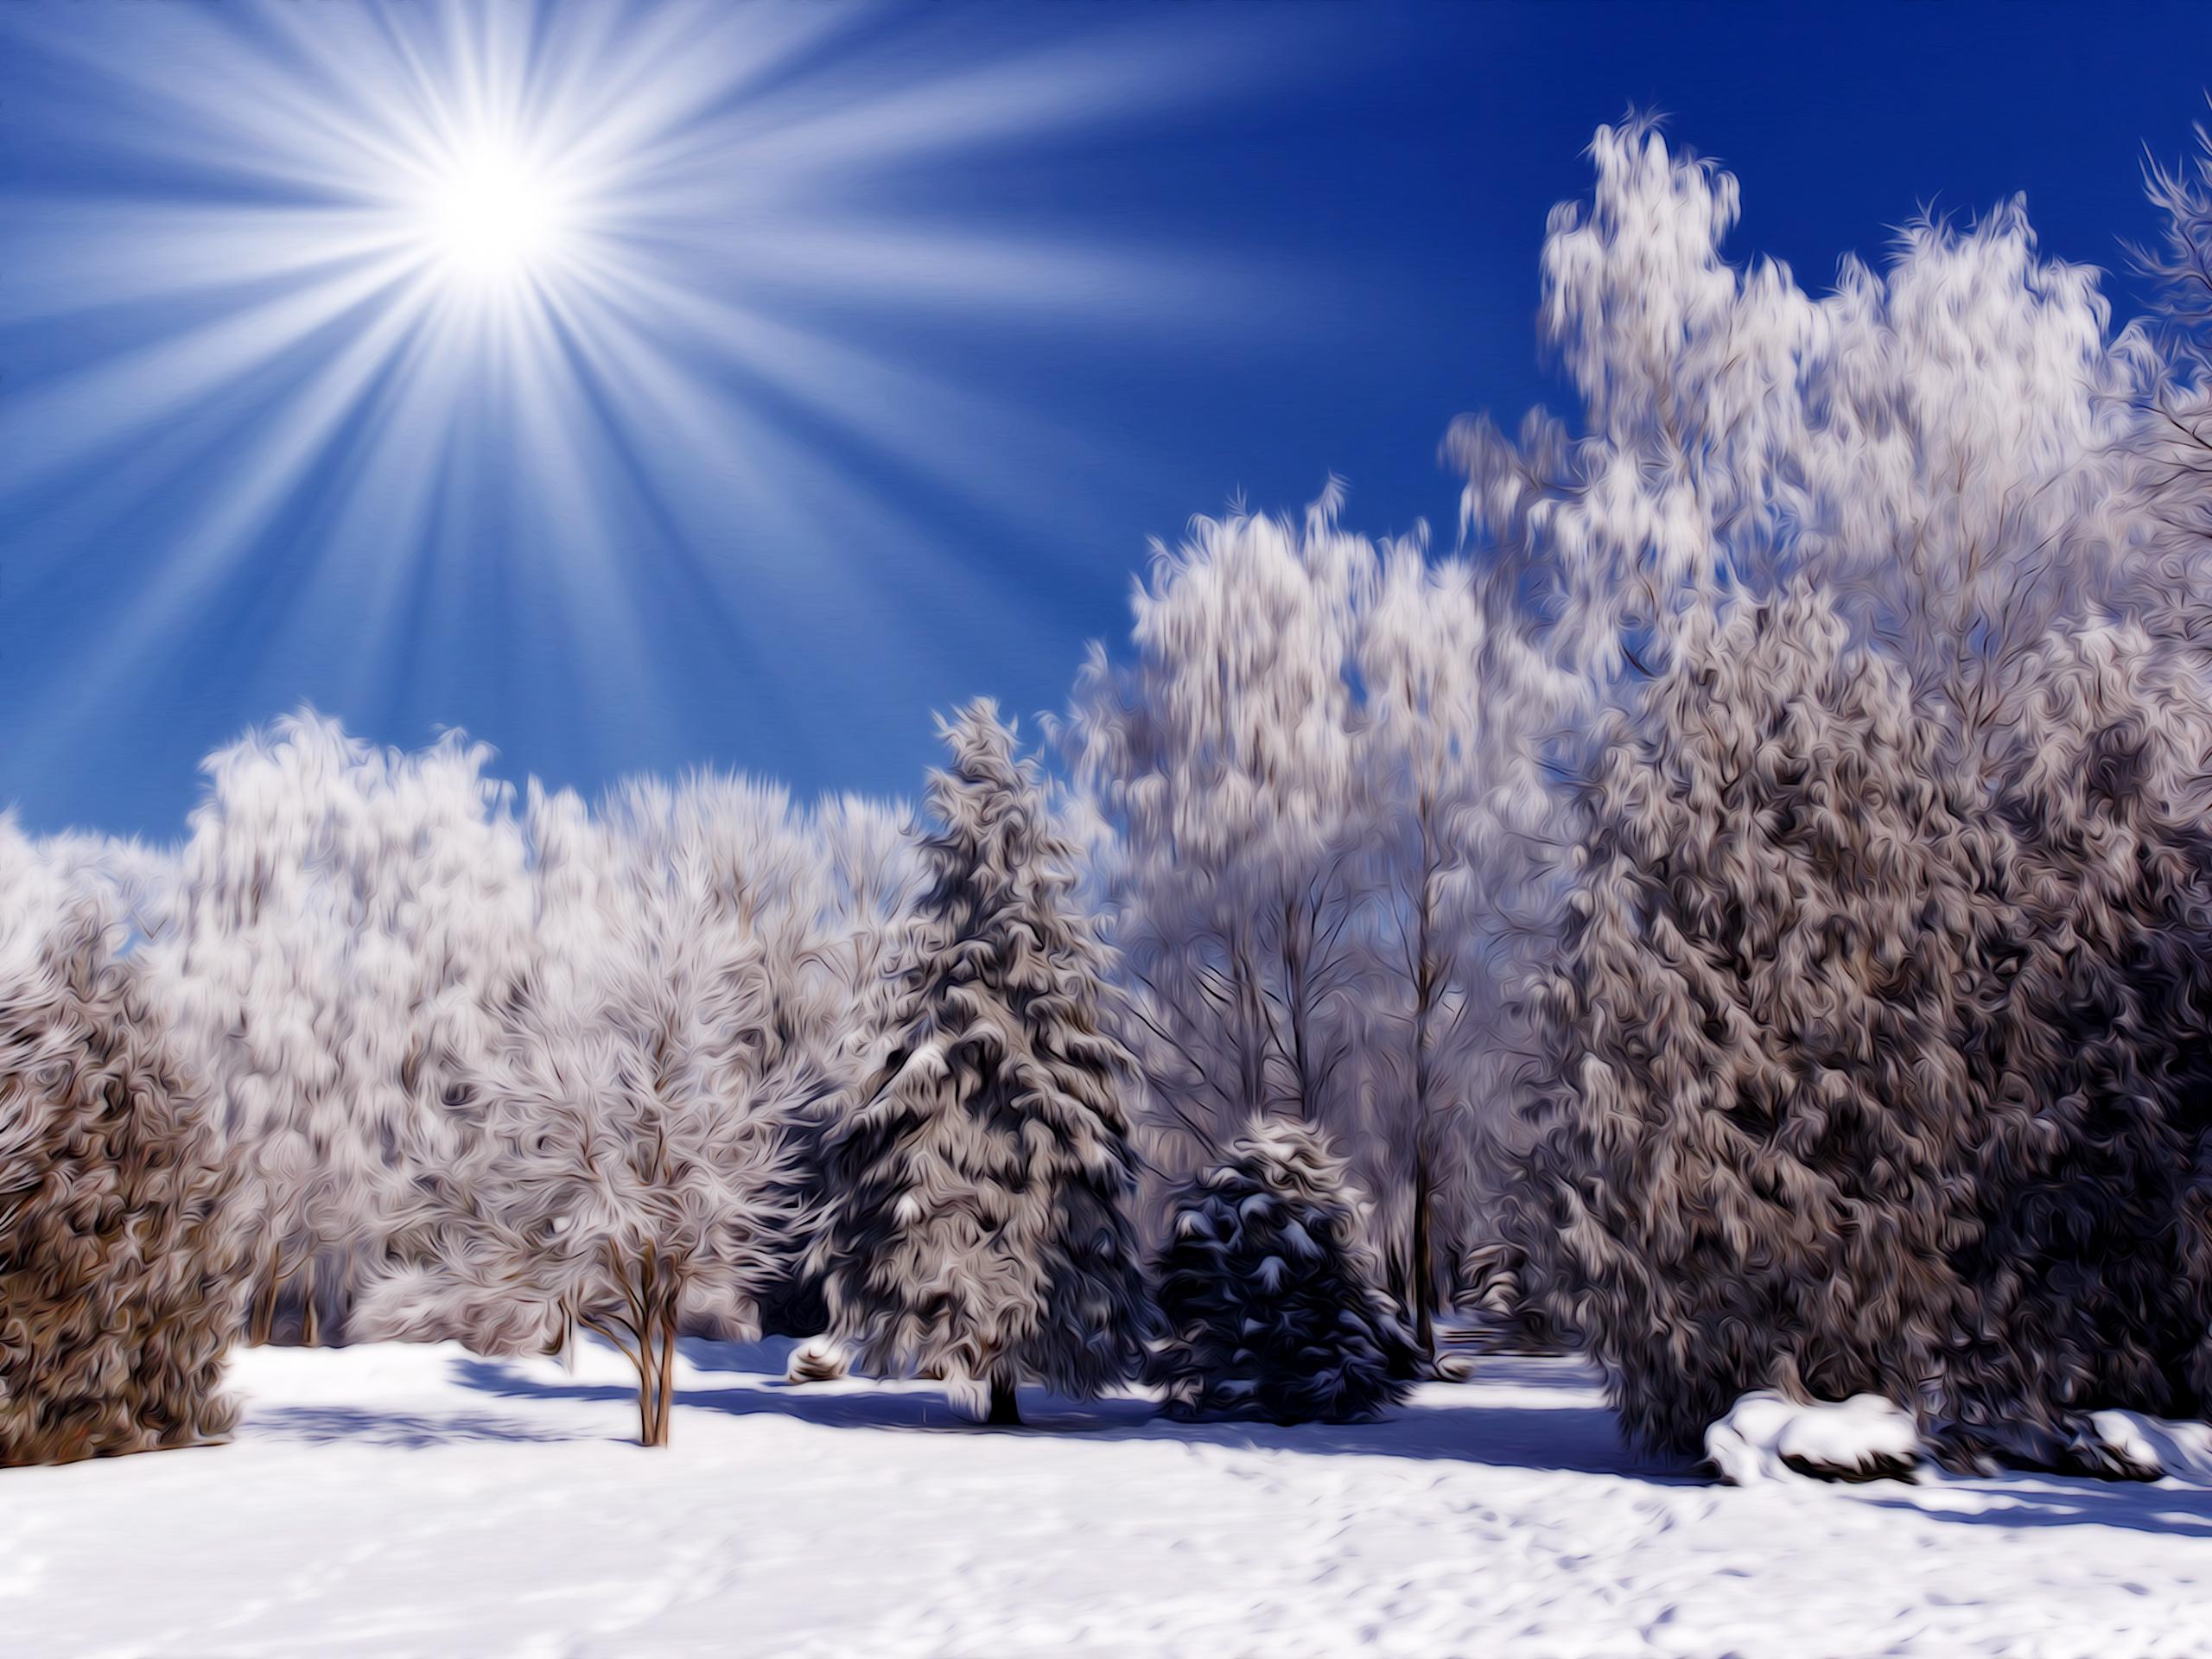 Картинка на рабочий стол на тему иней, солнце, лес, деревья, снег